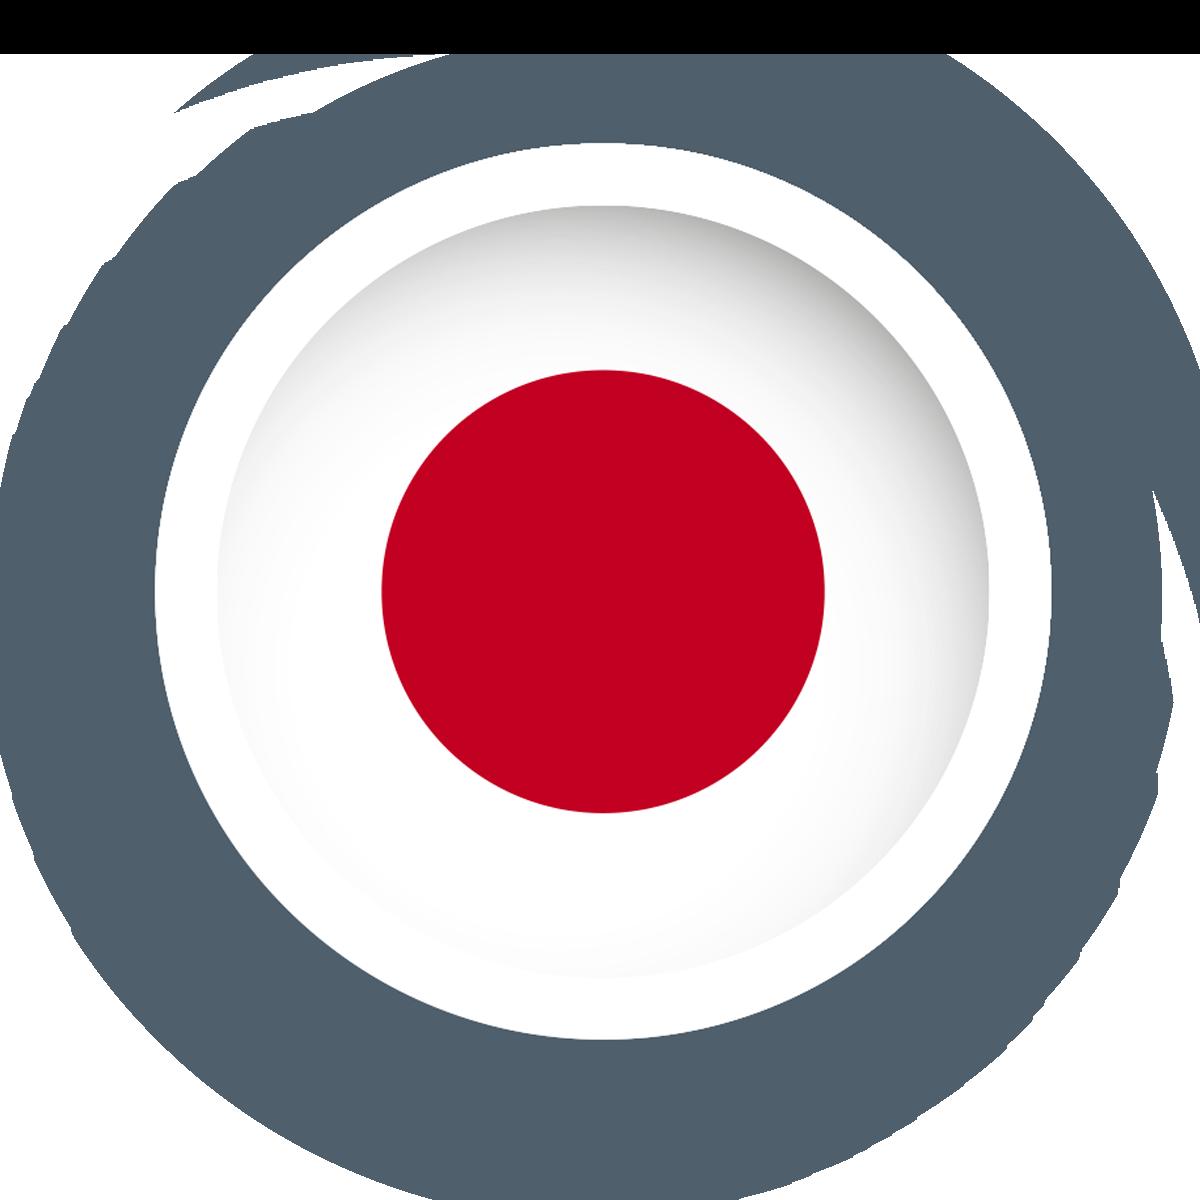 Diğer Yabancı Dil Eğitimleri - Japonya kategori - Amerikan Dili Edebiyatı Yabancı Dil Kursları -